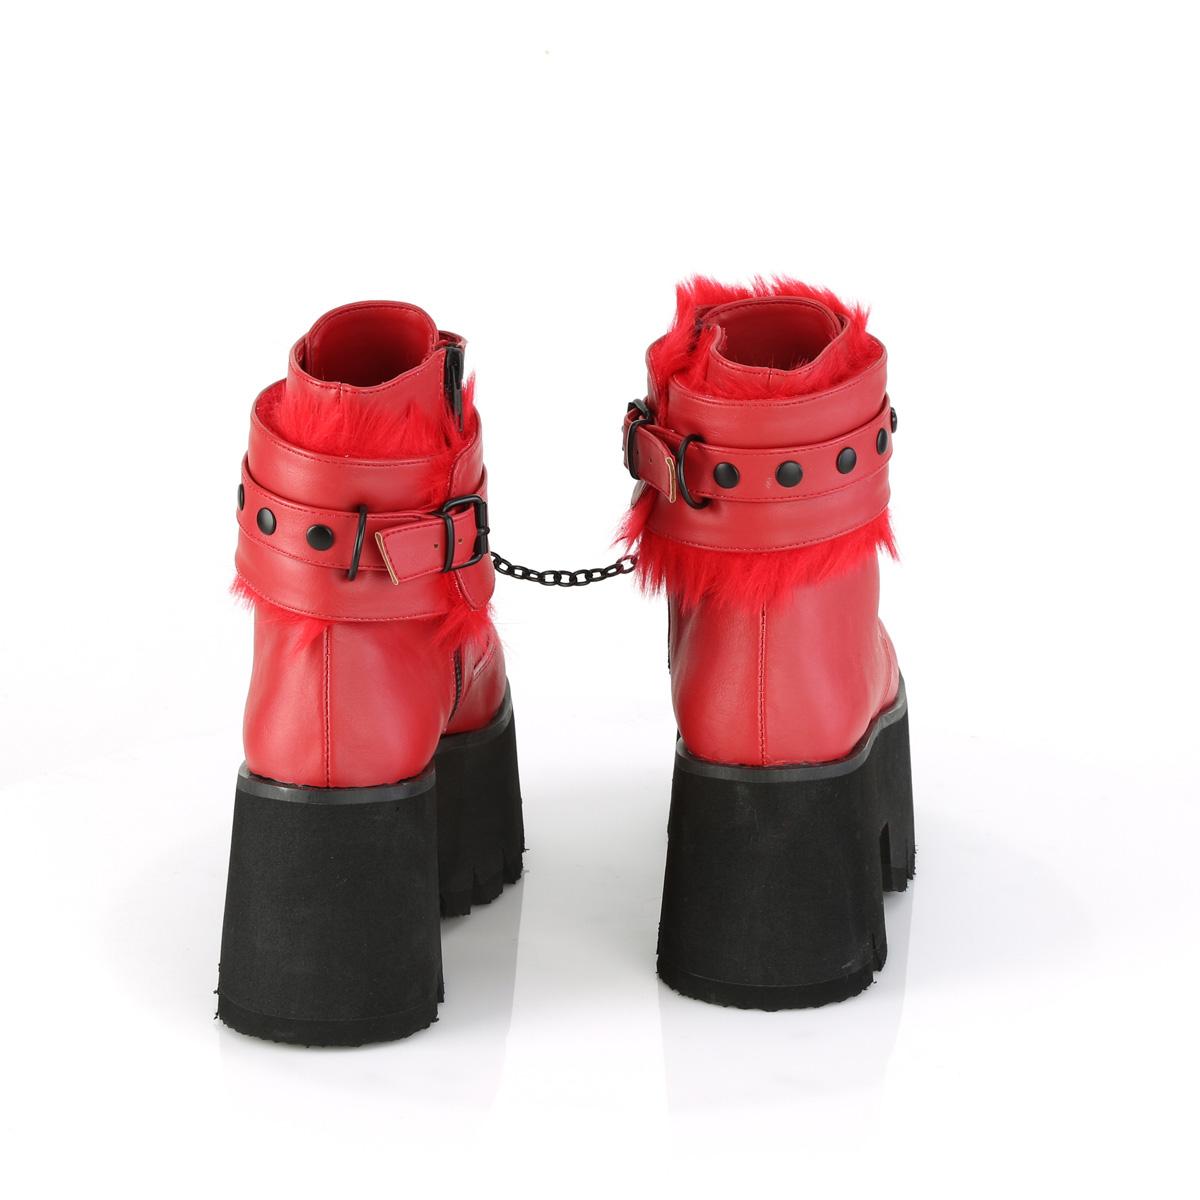 Demonia(デモニア) ASHES-57 ファー付きアンクルカフ(取外し可能) 厚底ショートブーツ ハートアイレット チェーン レッド 赤◆取り寄せ